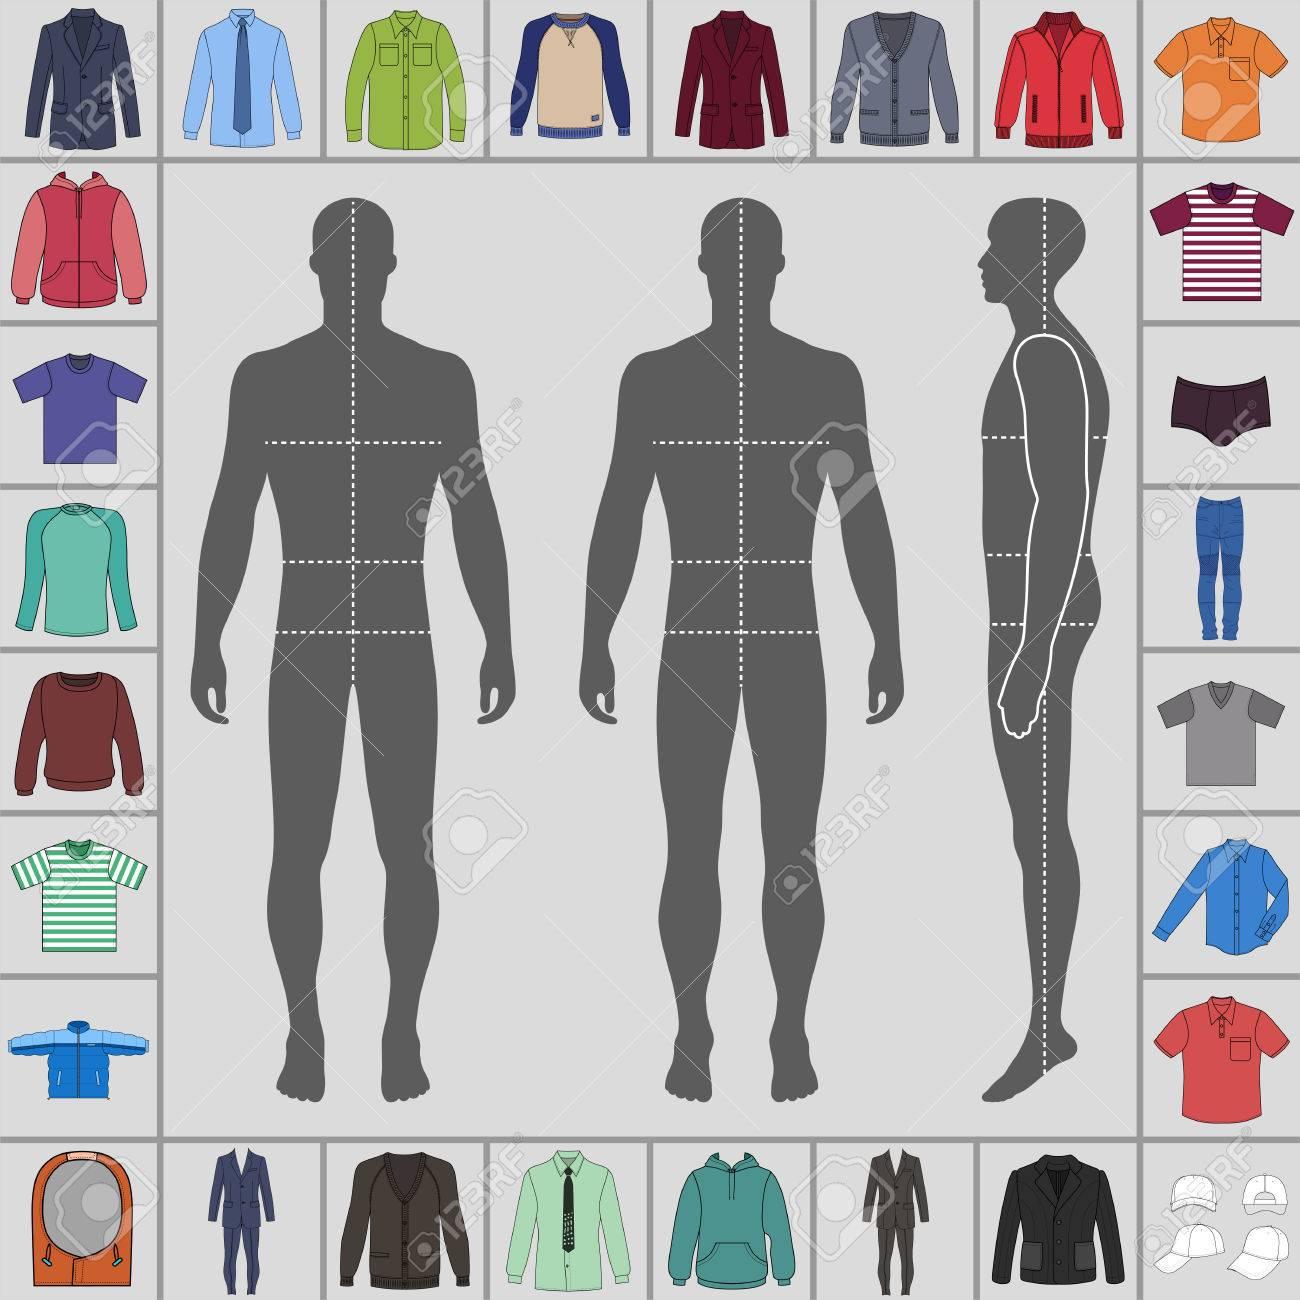 Vêtements décrits grand modèle ensemble pour hommes (costume simple boutonnage, chemise, pull, sweat à capuche, veste matelassée etc.) et homme